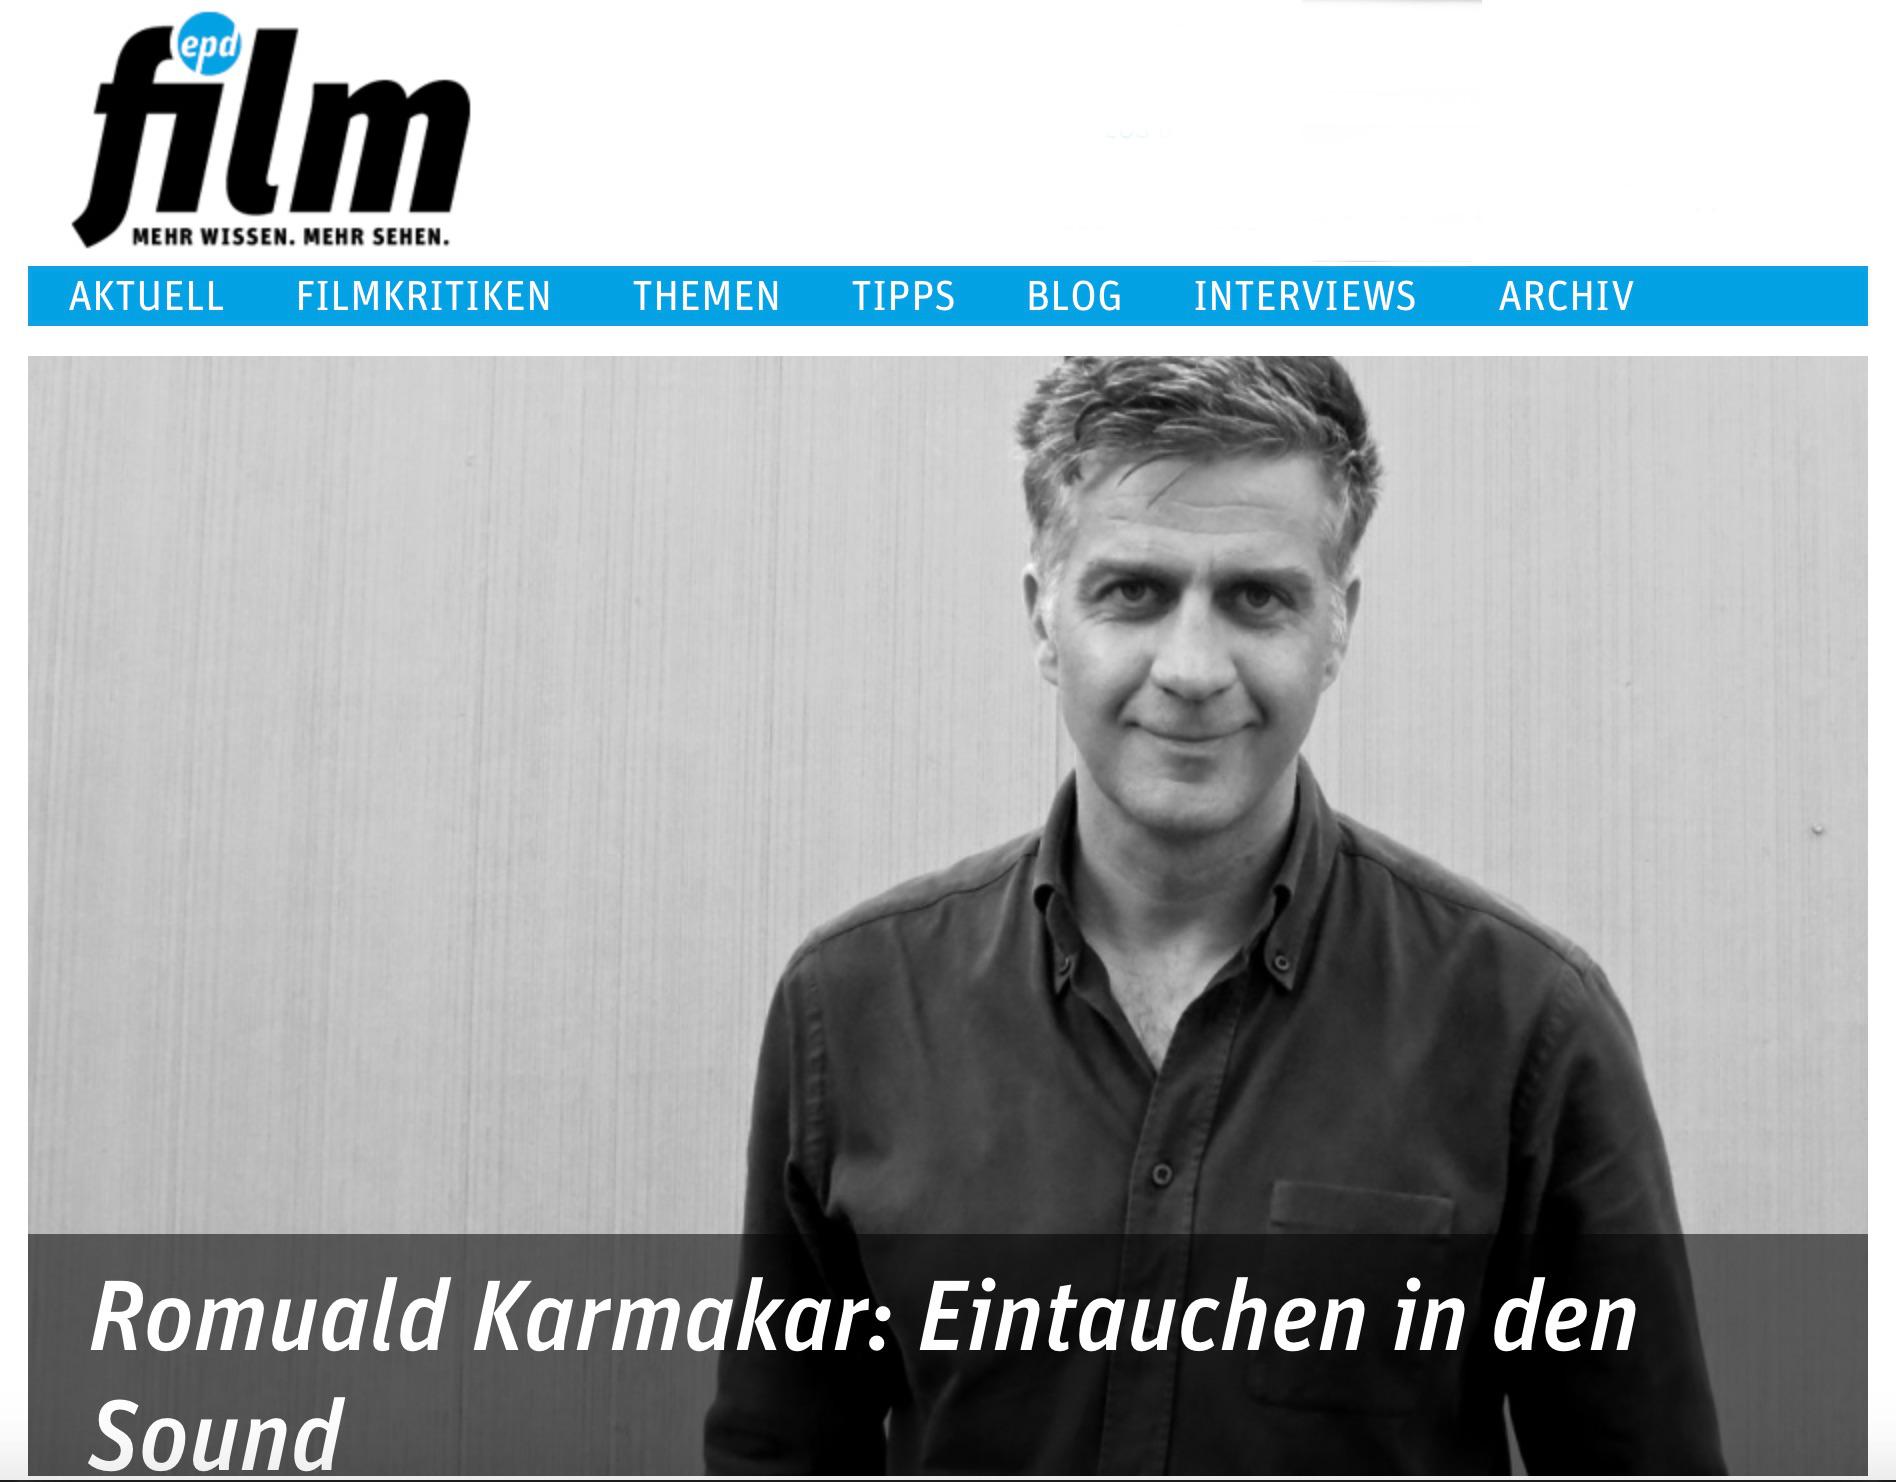 Romuald Karmakar: Eintauchen in den Sound